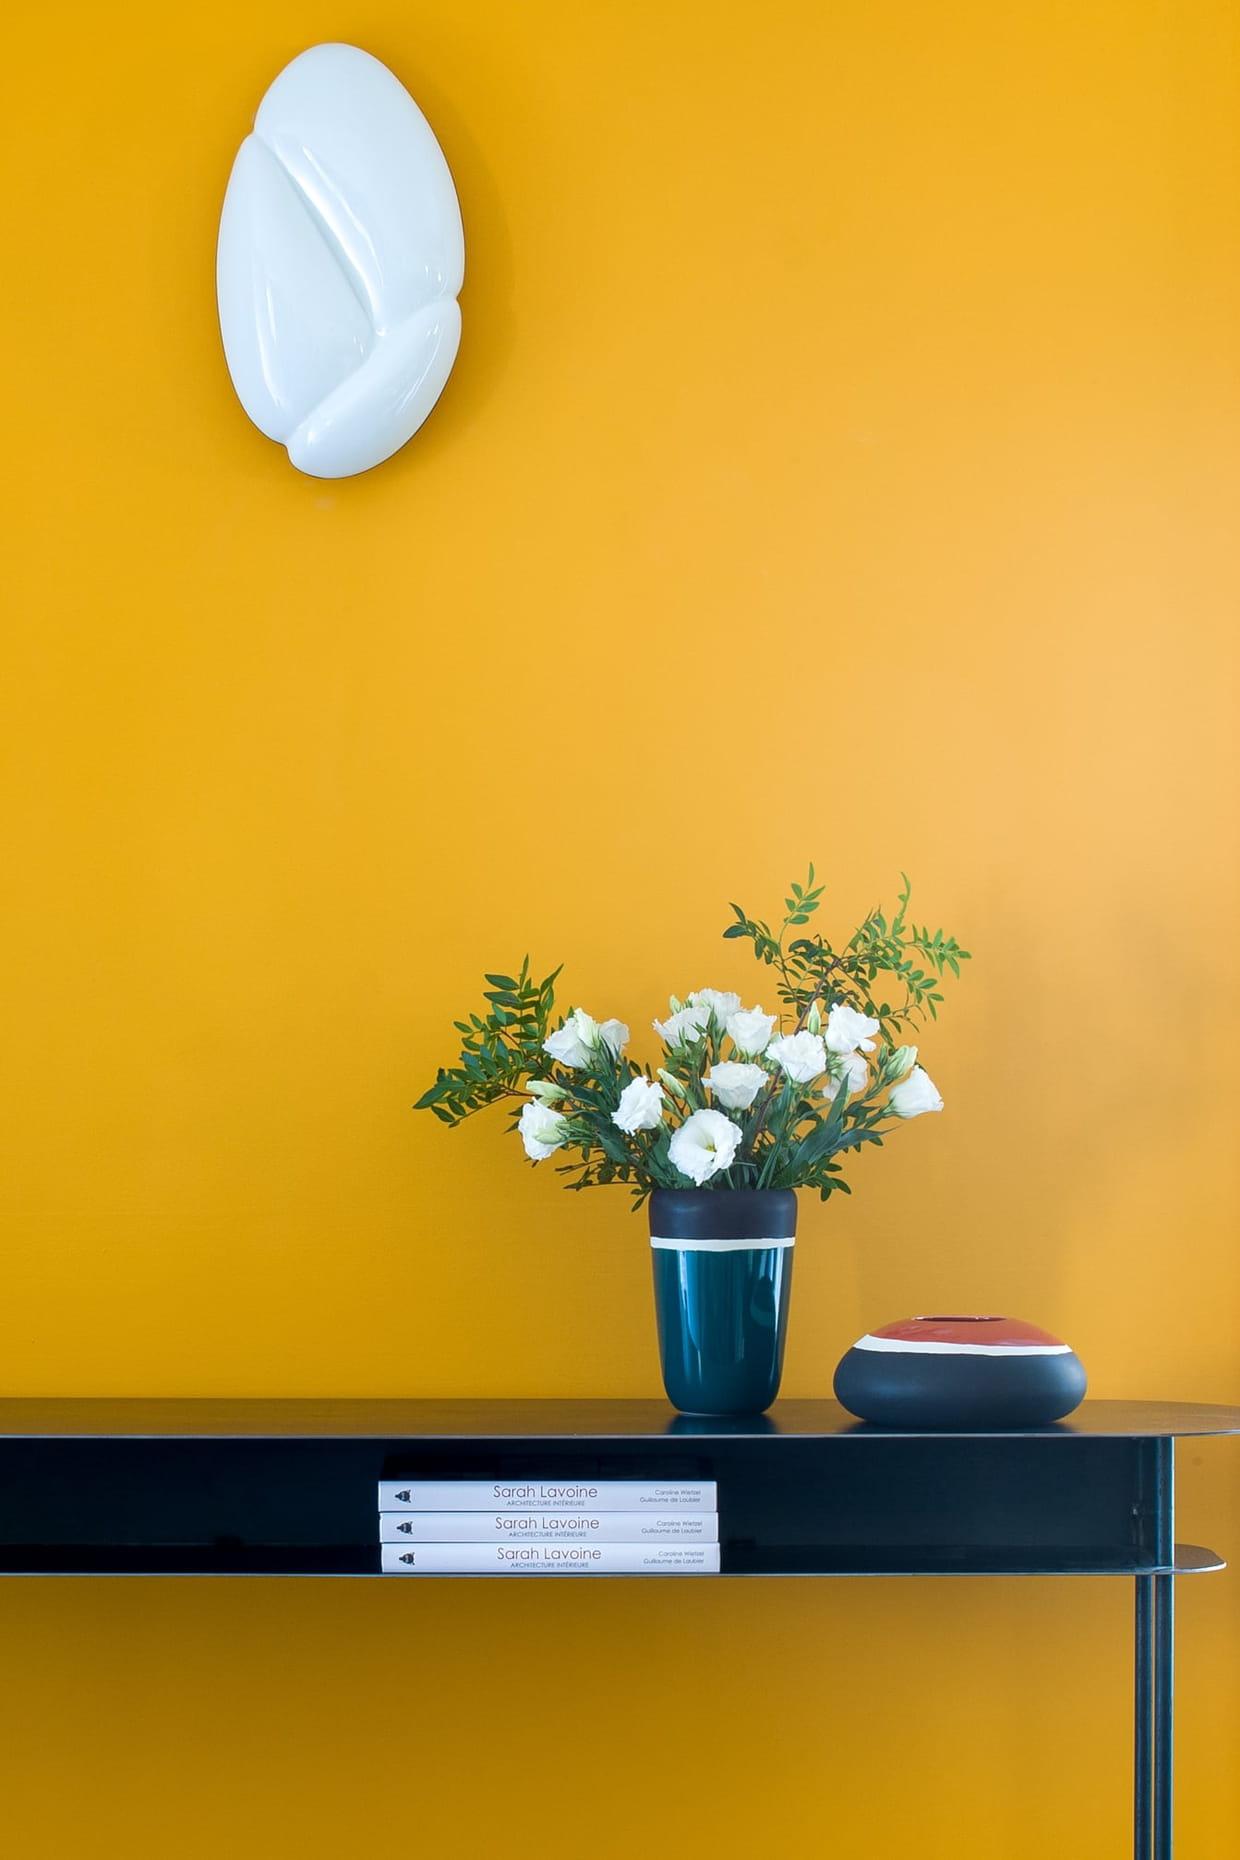 vases sicilia par maison sarah lavoine. Black Bedroom Furniture Sets. Home Design Ideas